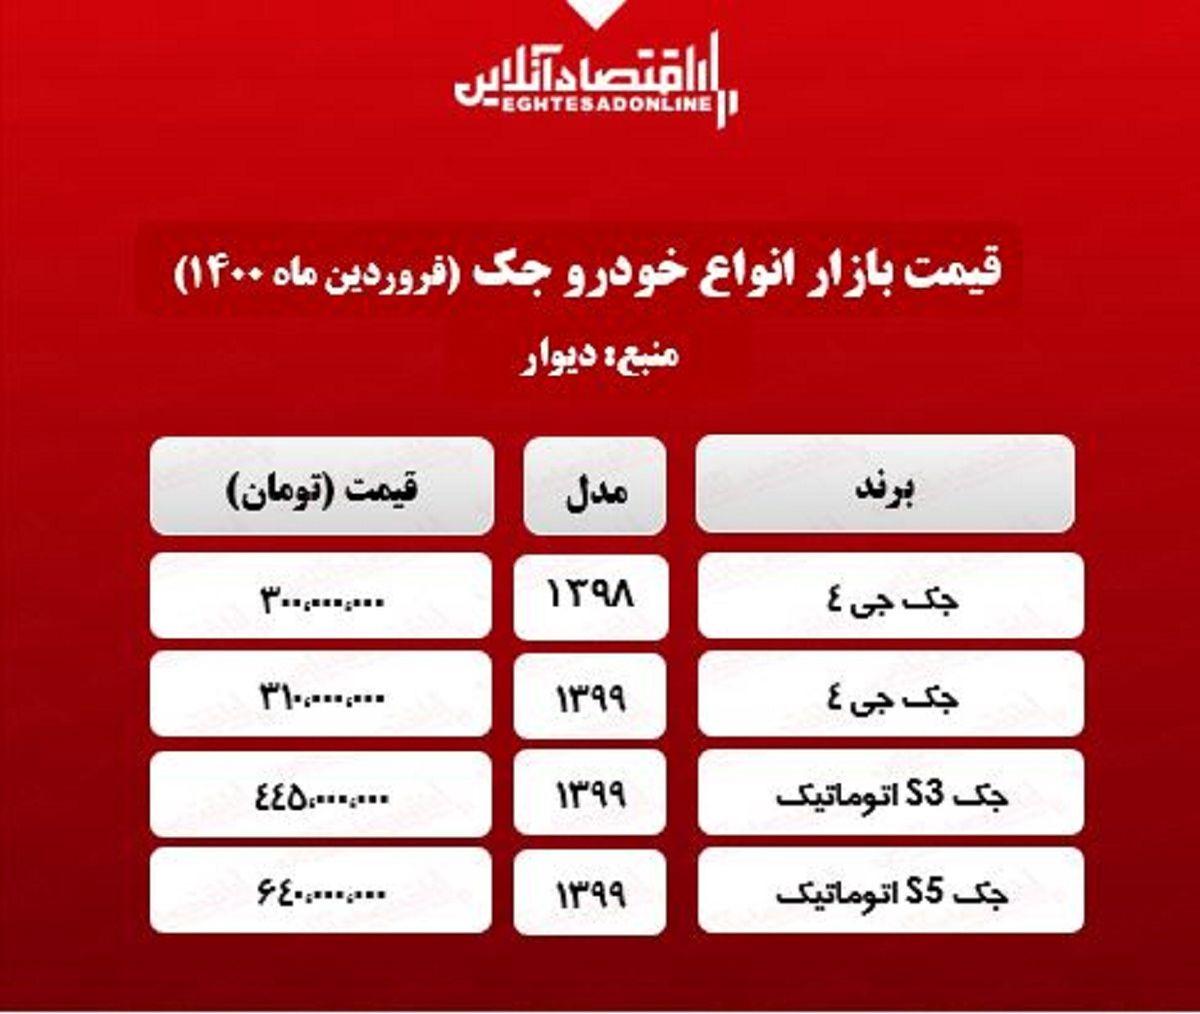 قیمت خودرو جک در تهران + جدول